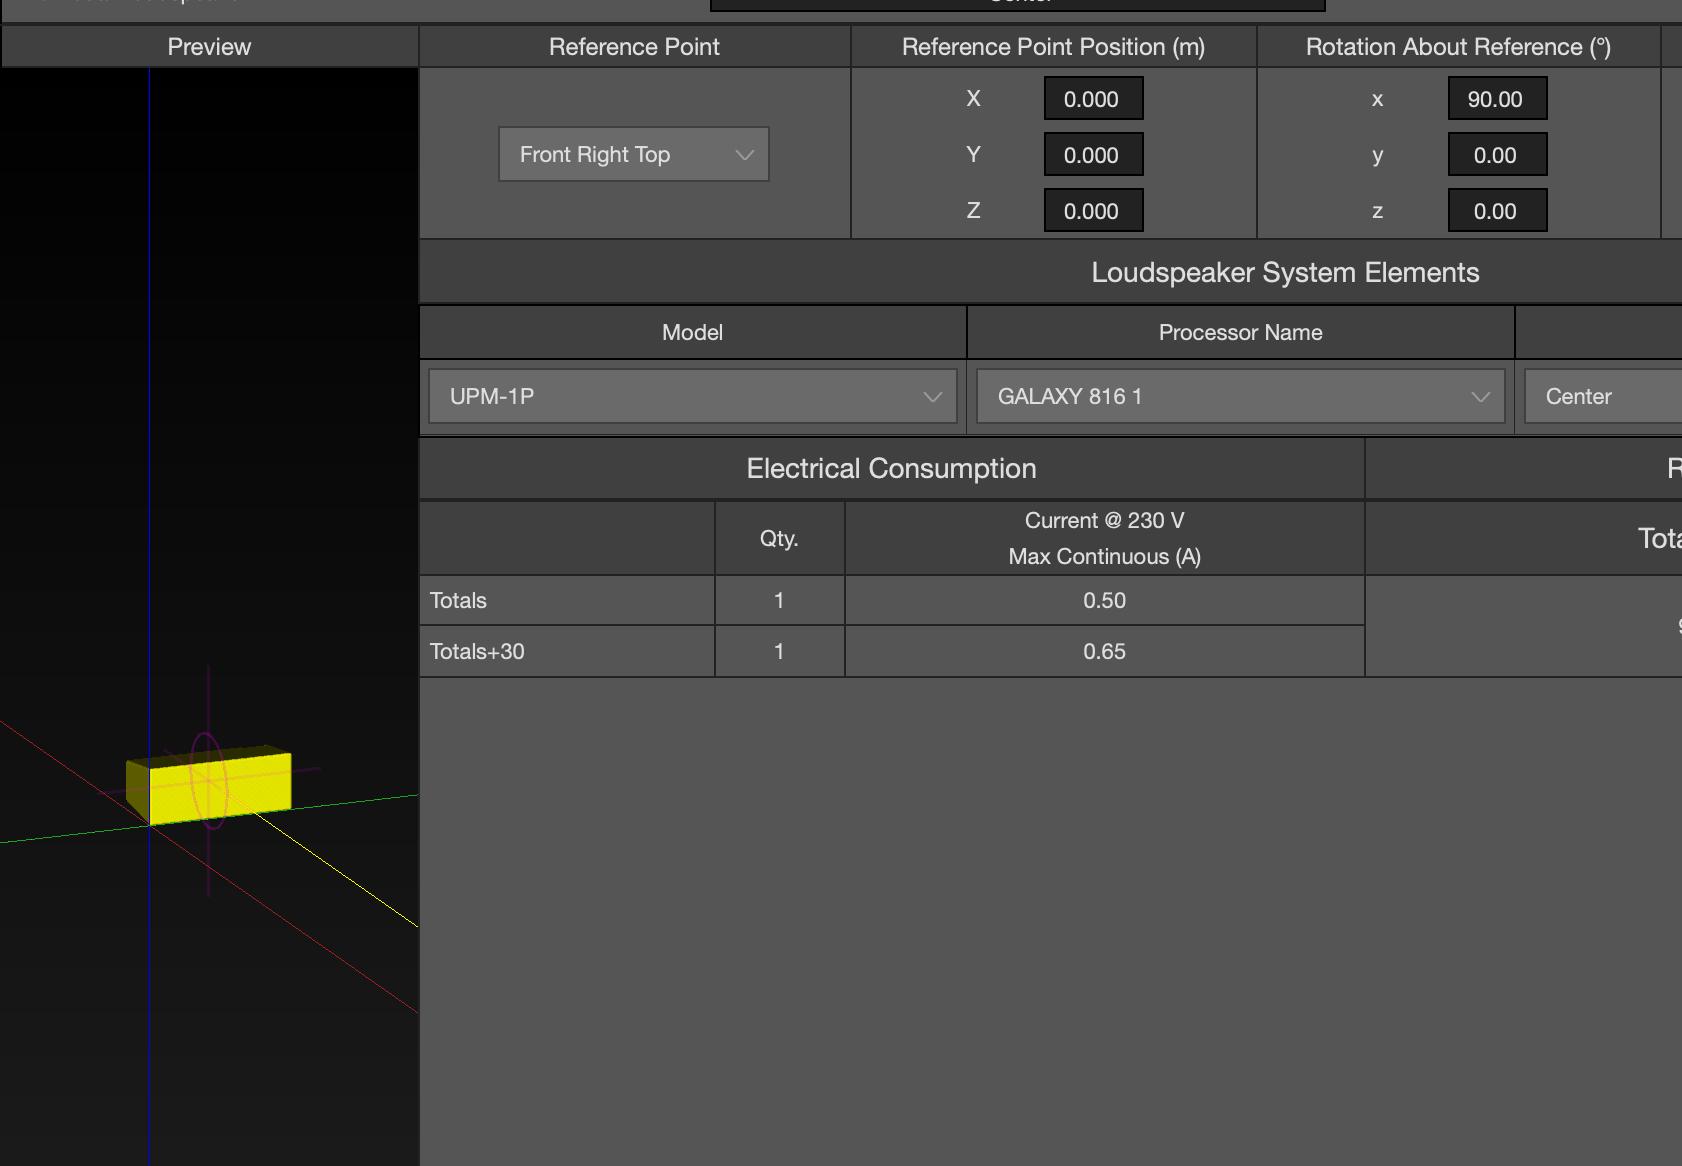 Screen-Shot-2021-08-18-at-23.23.02.png